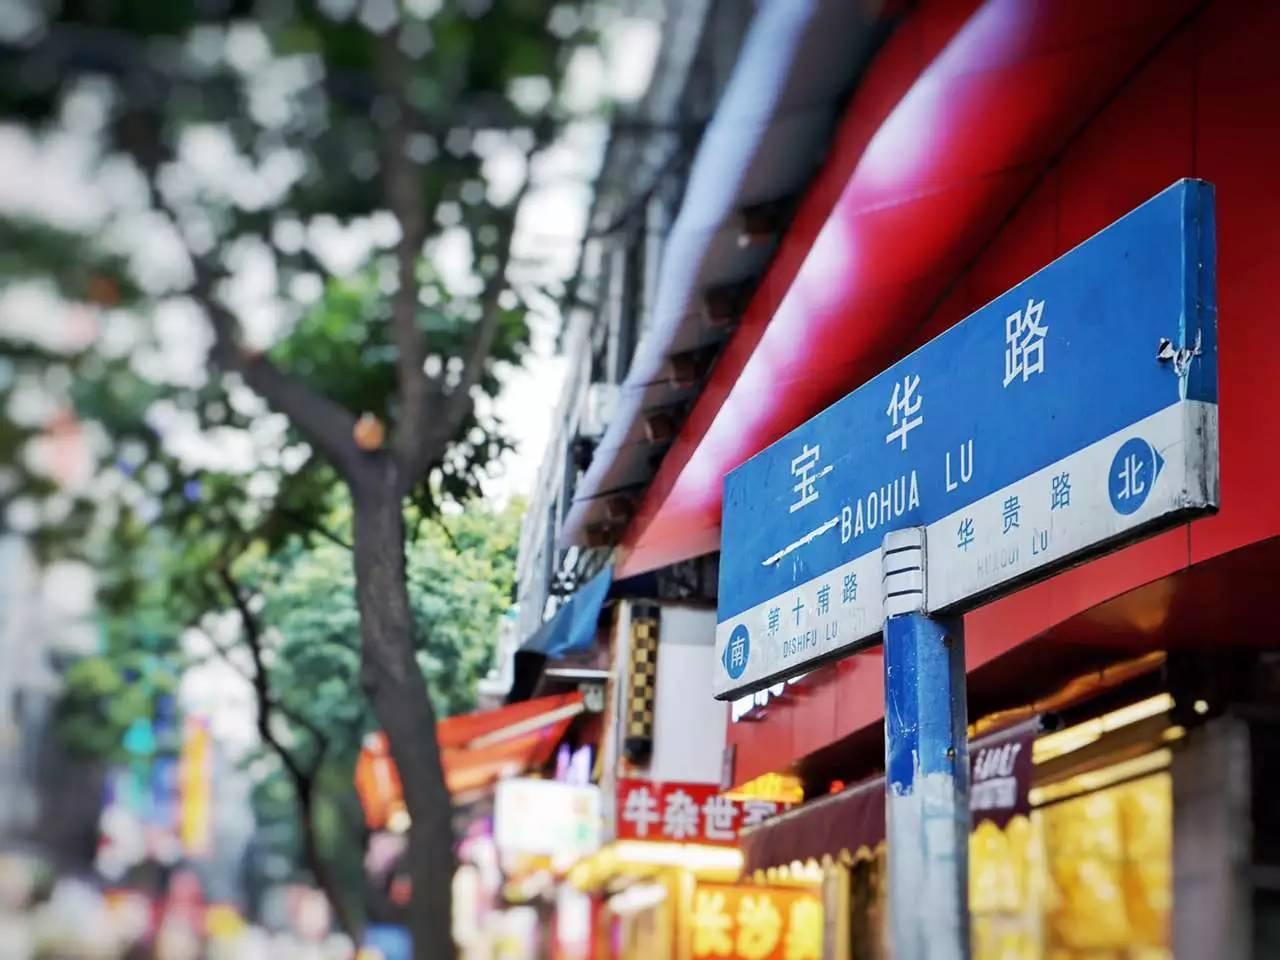 广州西关有什么最值得吃的老店(内附行程路线)